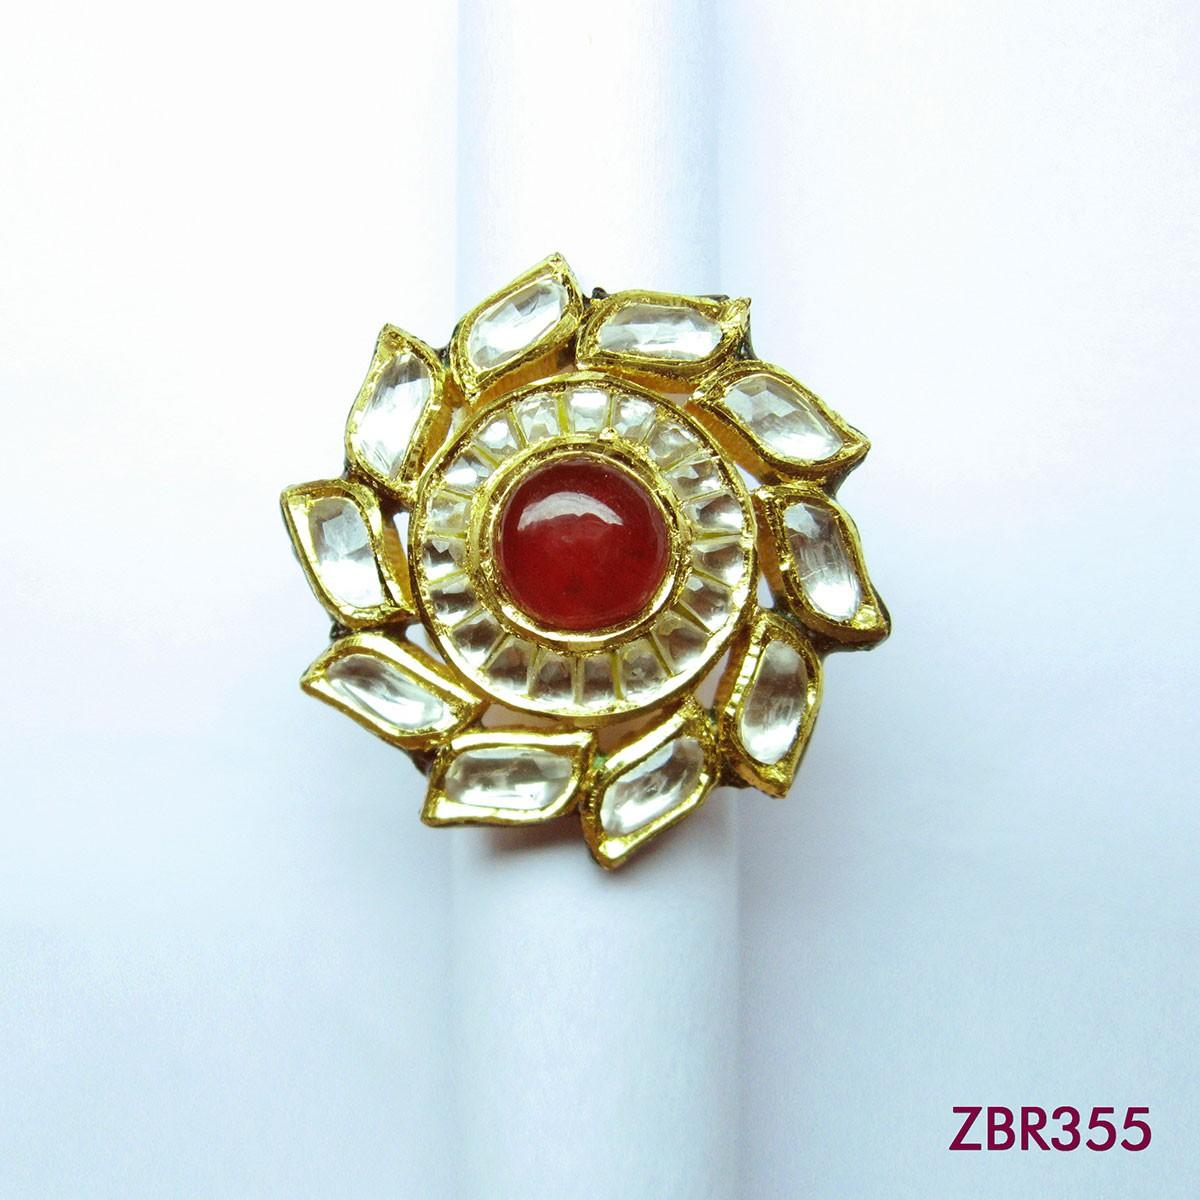 ZBR355